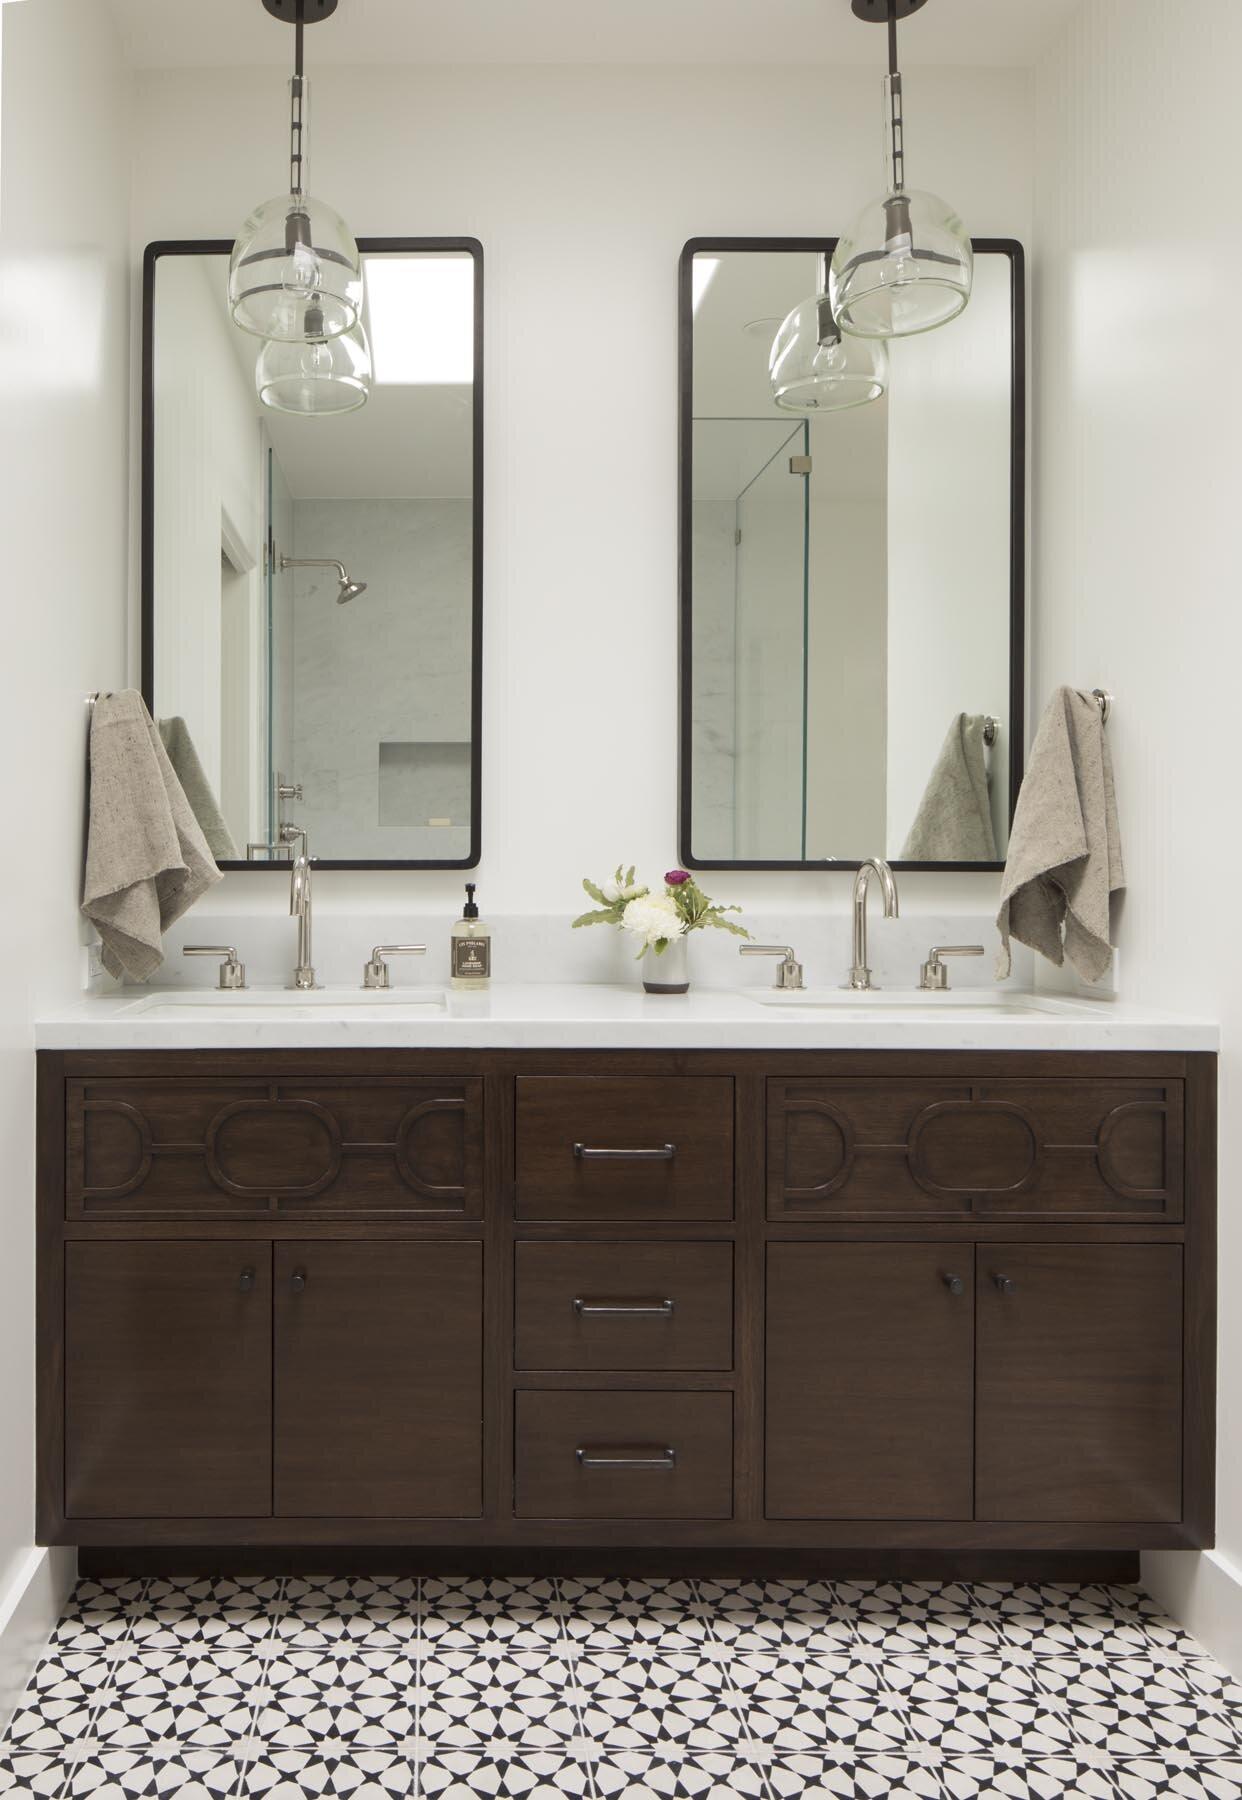 3 Jute_Glendale_Bathroom-0034-1.jpg